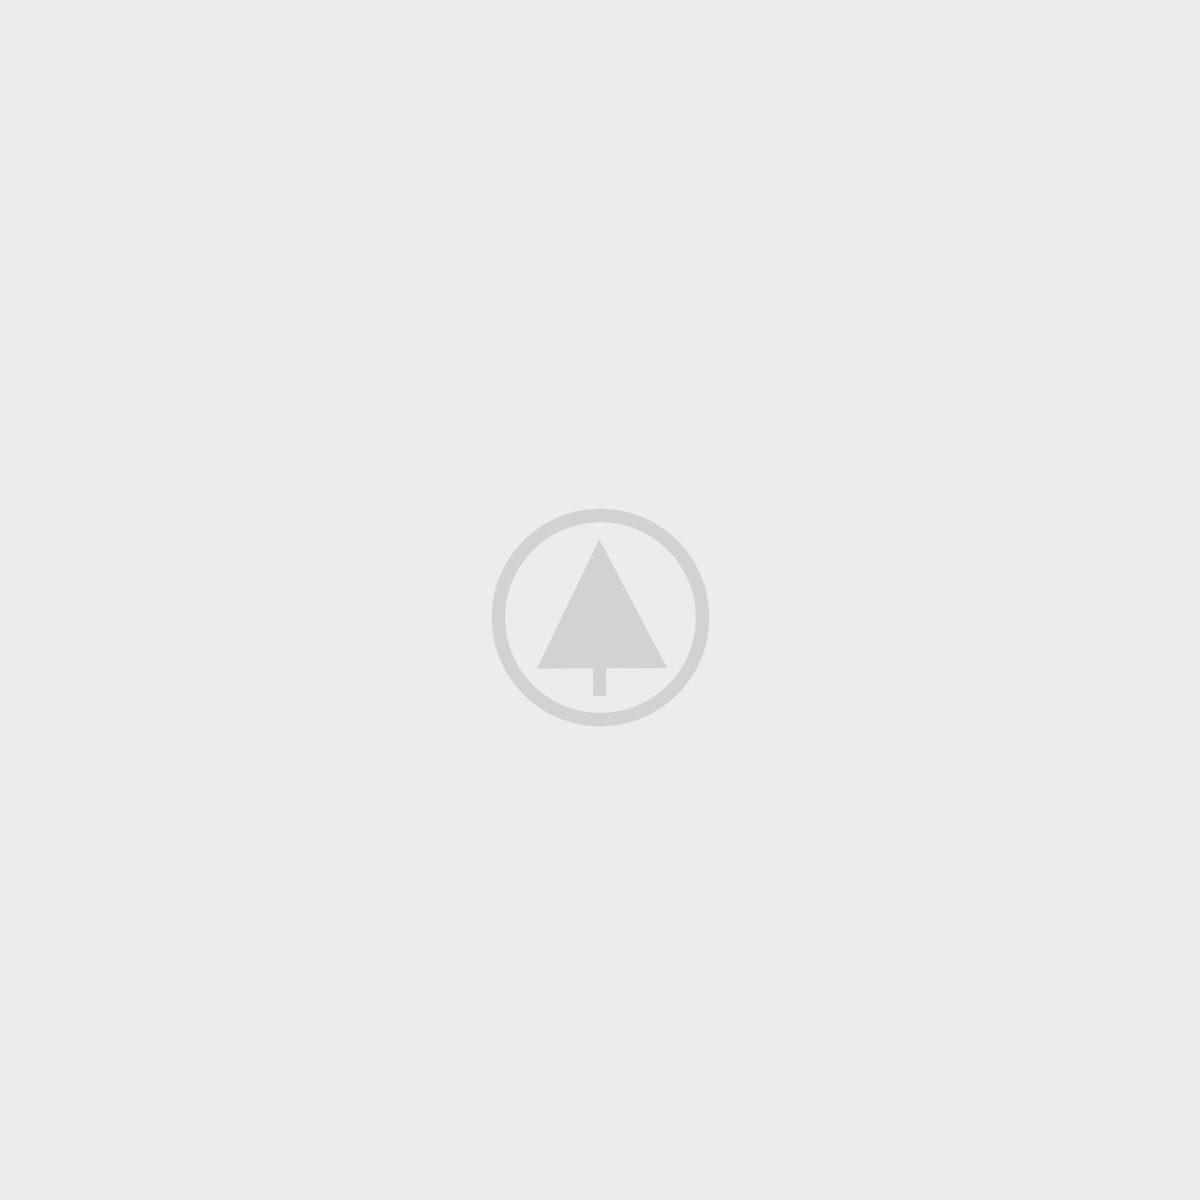 wood portfolio placeholder - Suspendisse quam at vestibulum